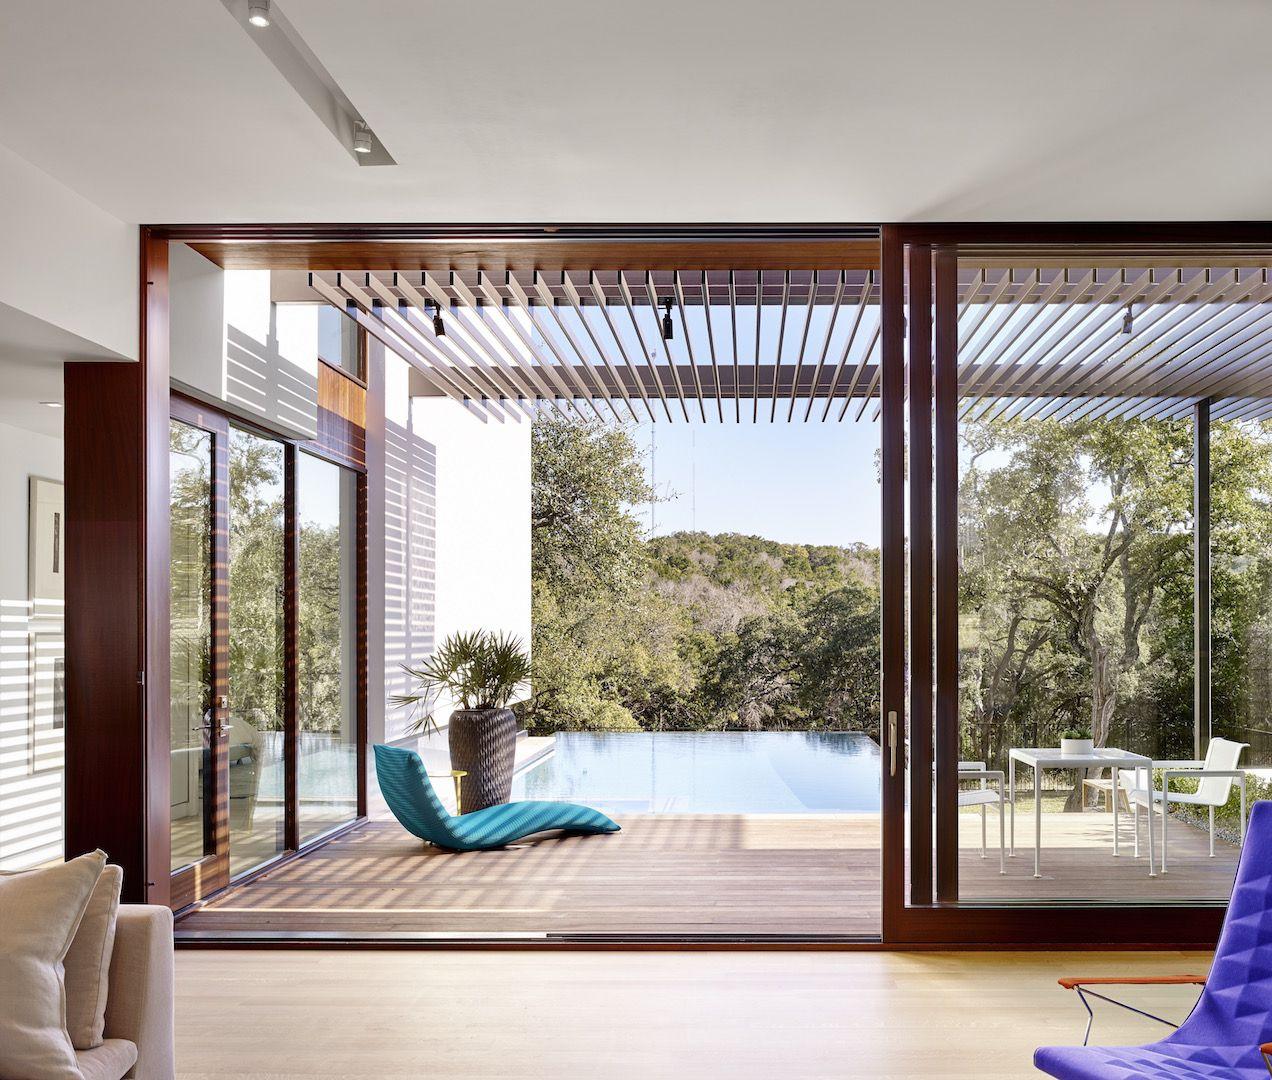 Pool Builders & Designers